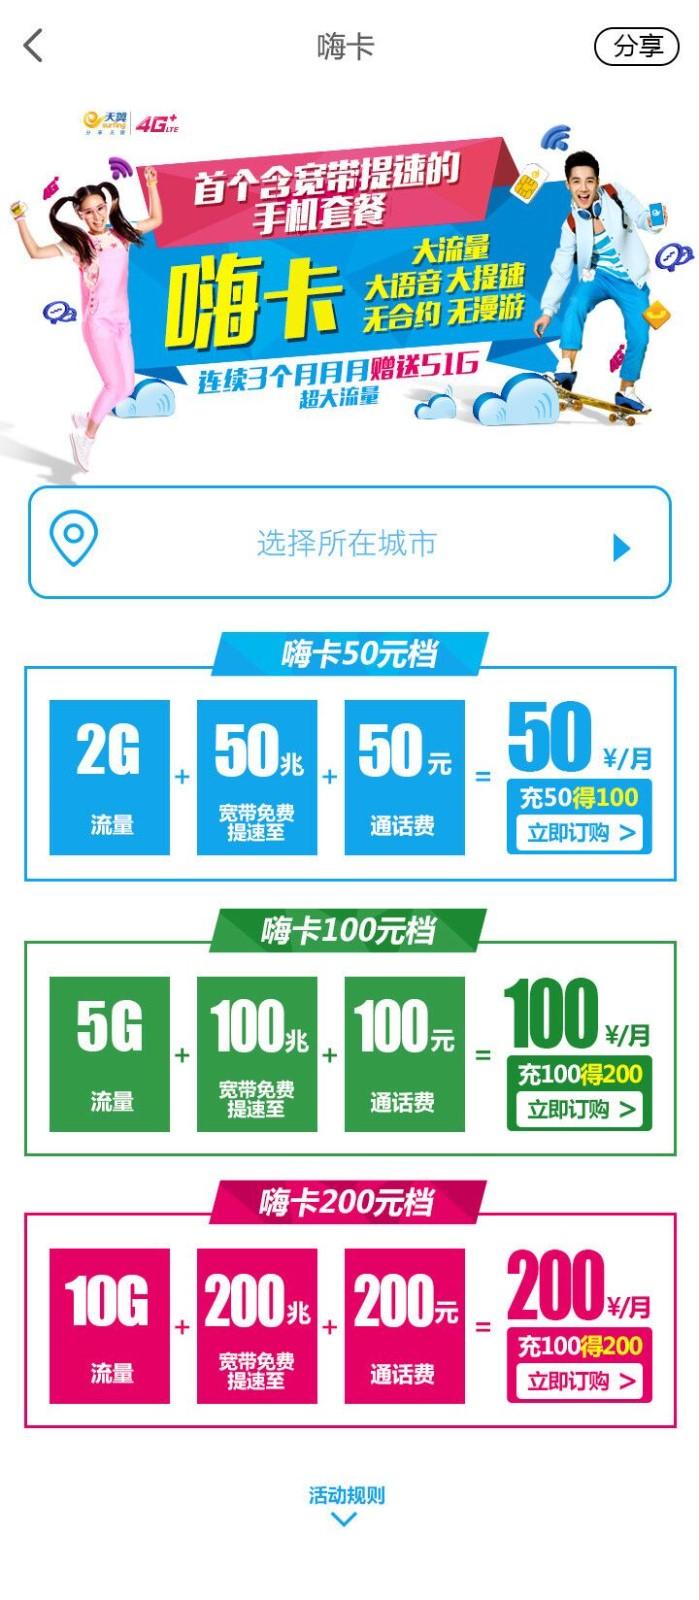 江苏电信网充值_江苏电信推出的嗨卡有宽带提速吗?_百度知道